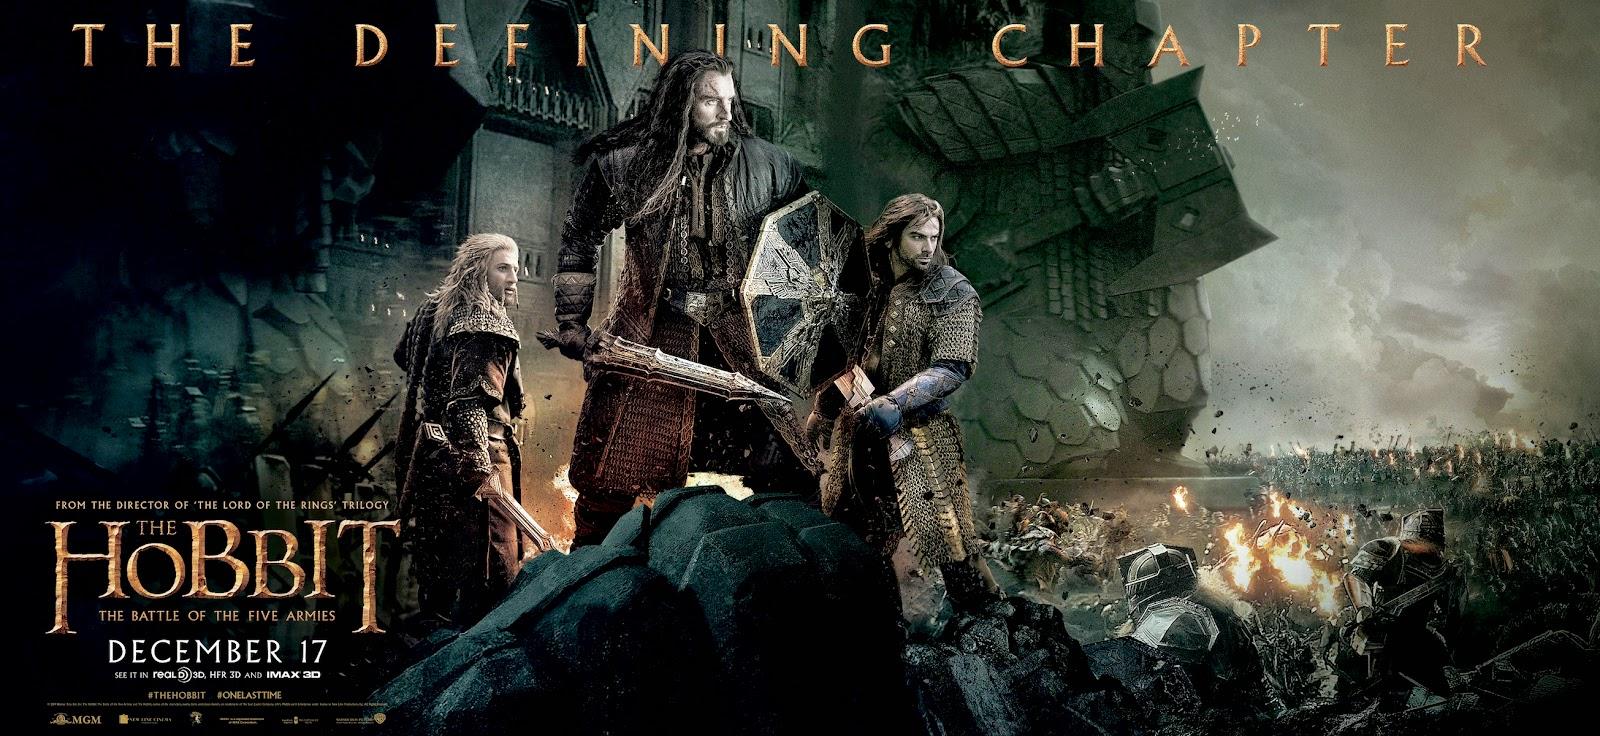 hình nền phim the hobbit mới nhất